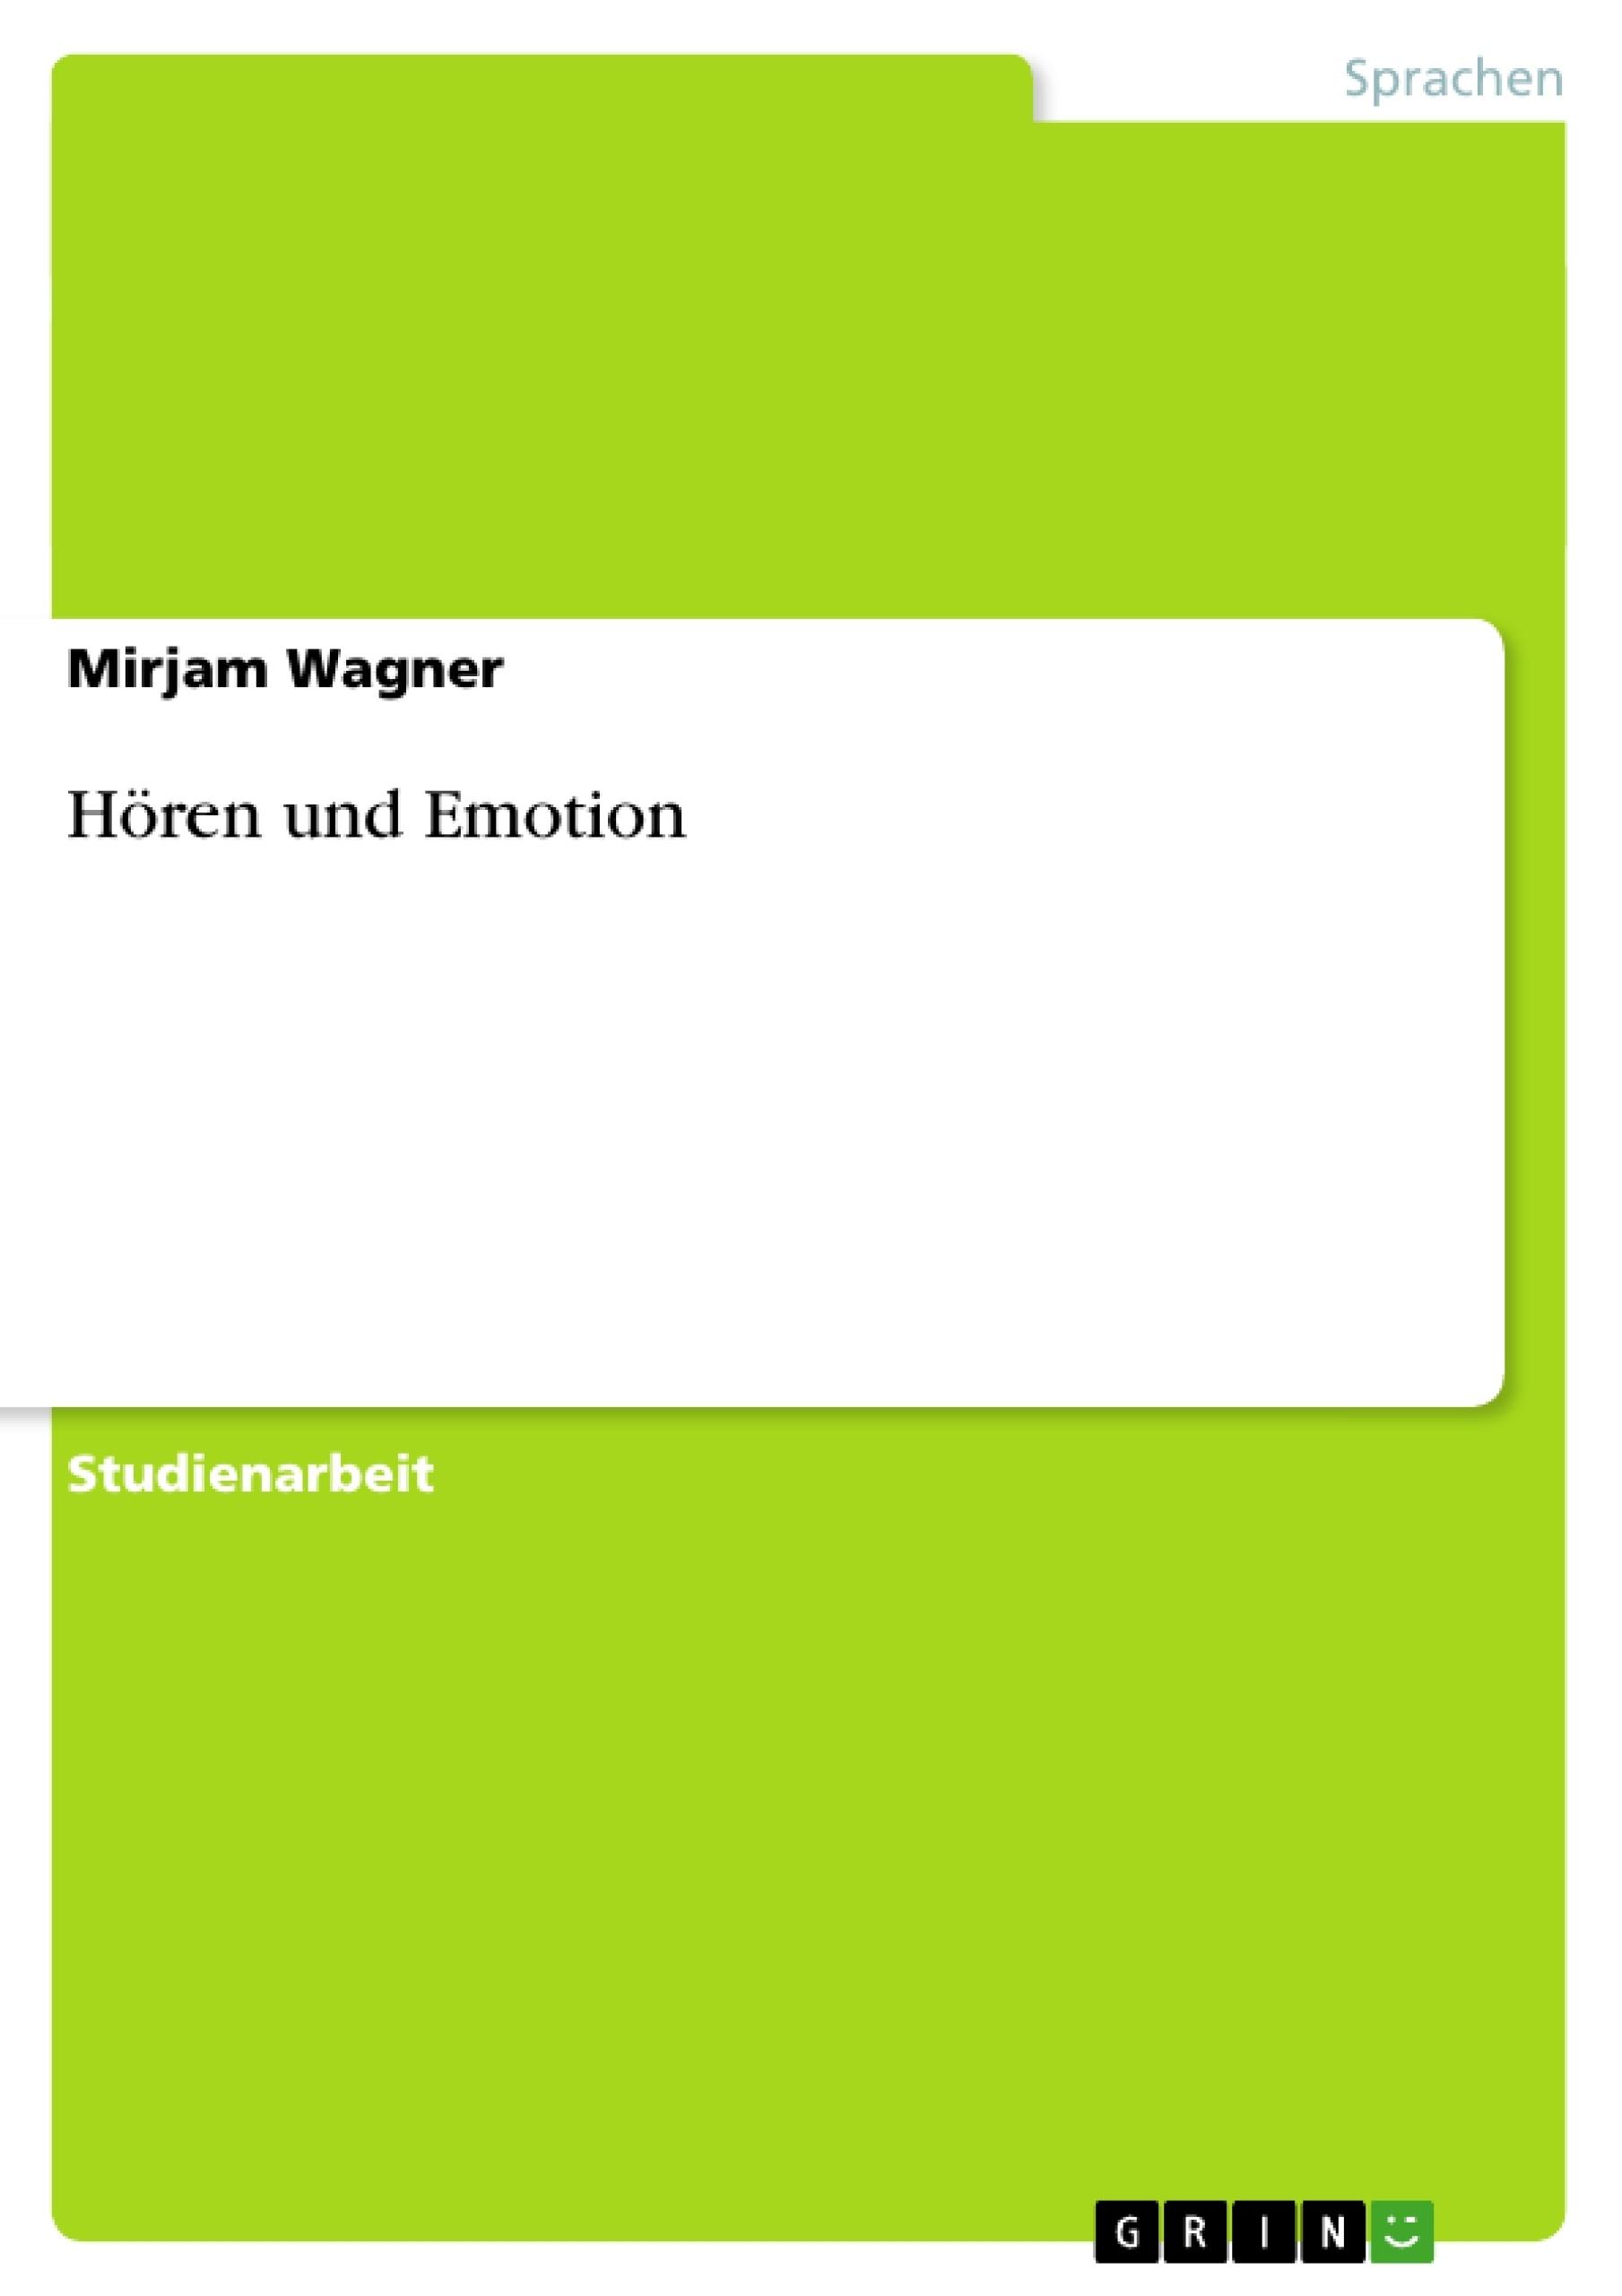 Hören und Emotion | Masterarbeit, Hausarbeit, Bachelorarbeit ...